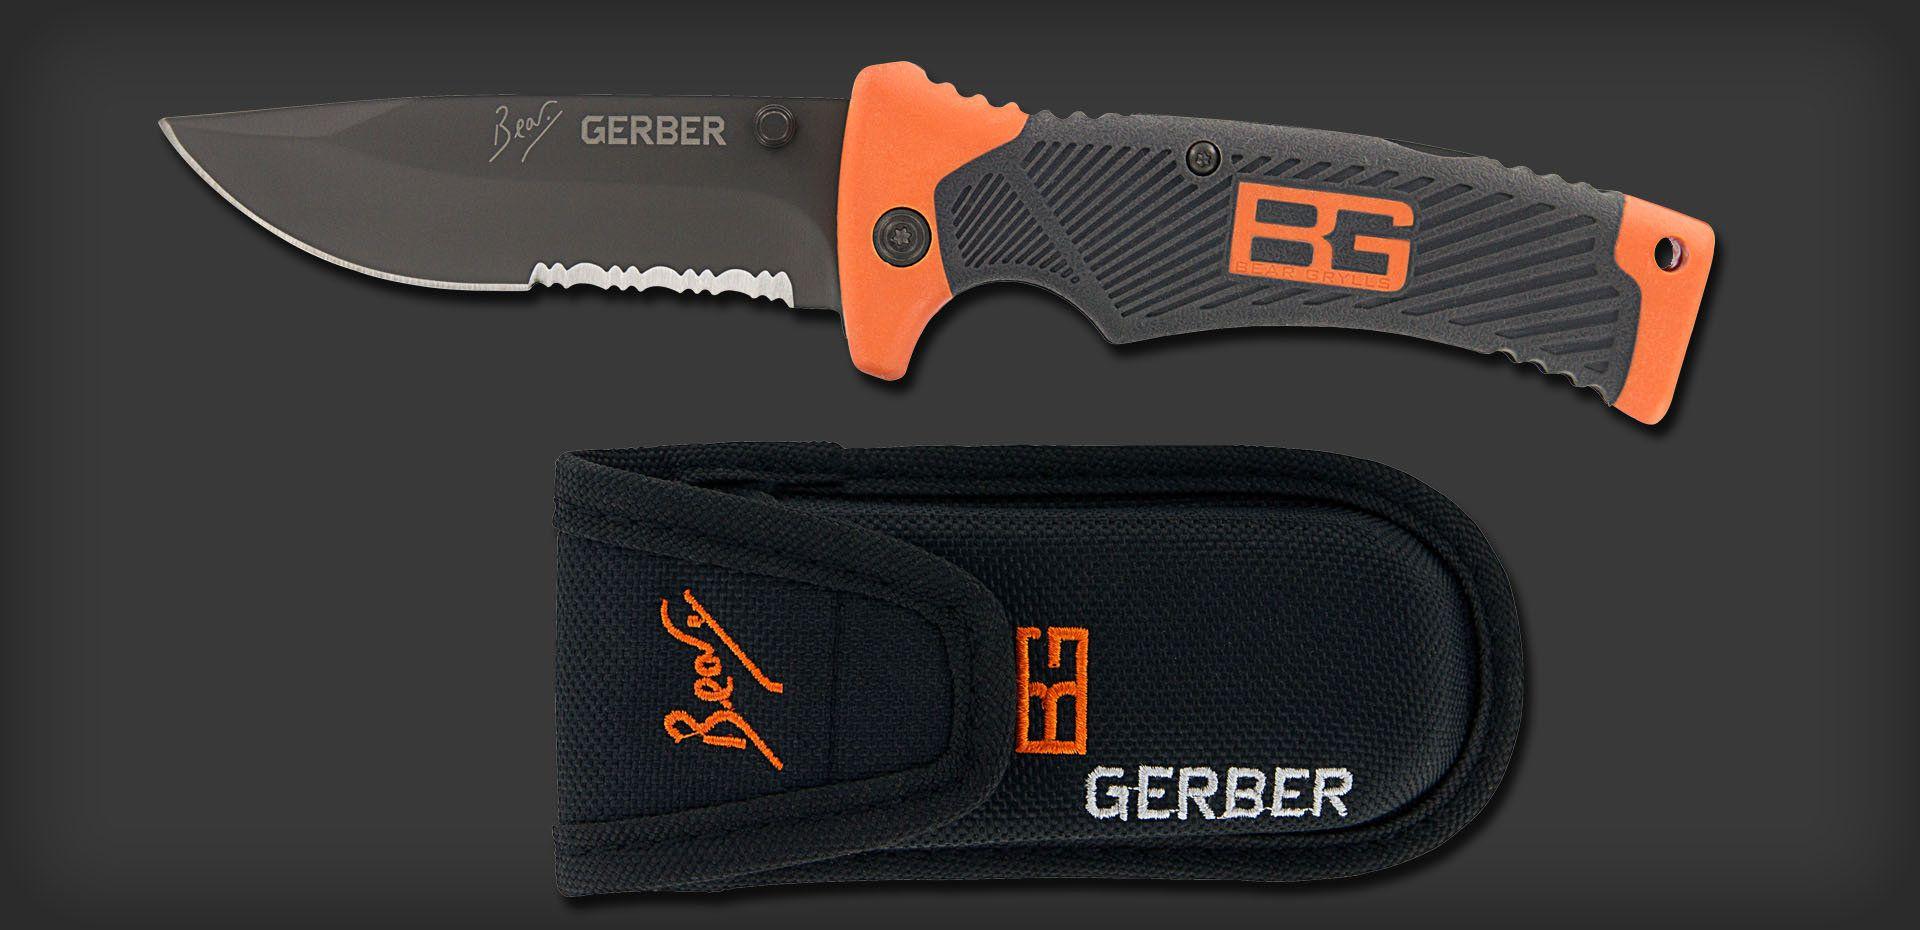 Image result for bear grylls gerber survival folding knives